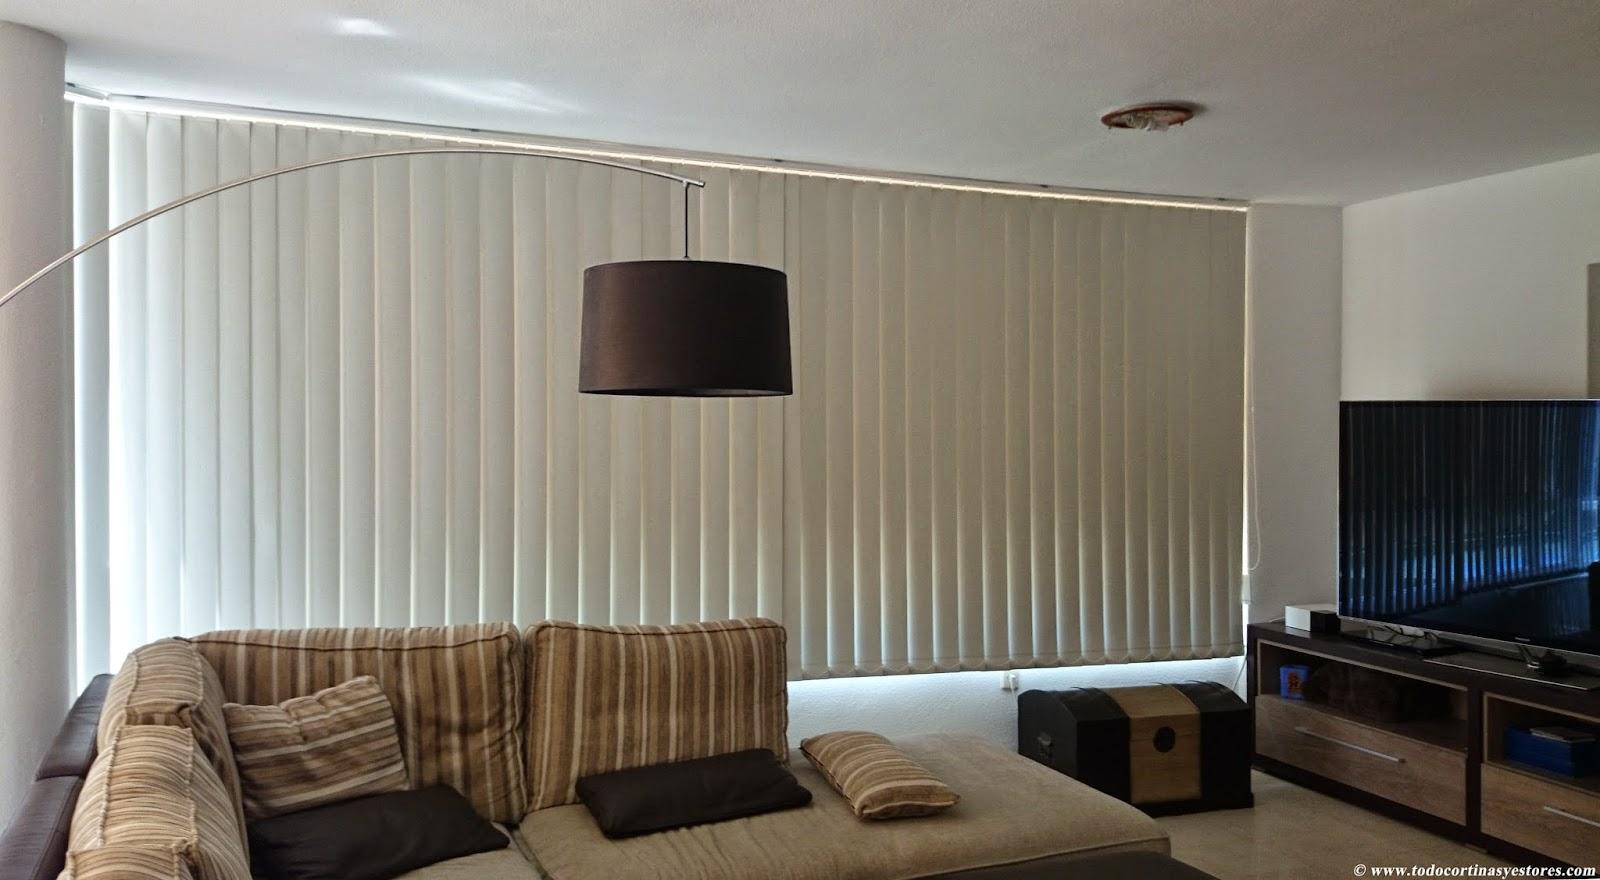 Decoracion interior cortinas verticales estores for Cortinas espana